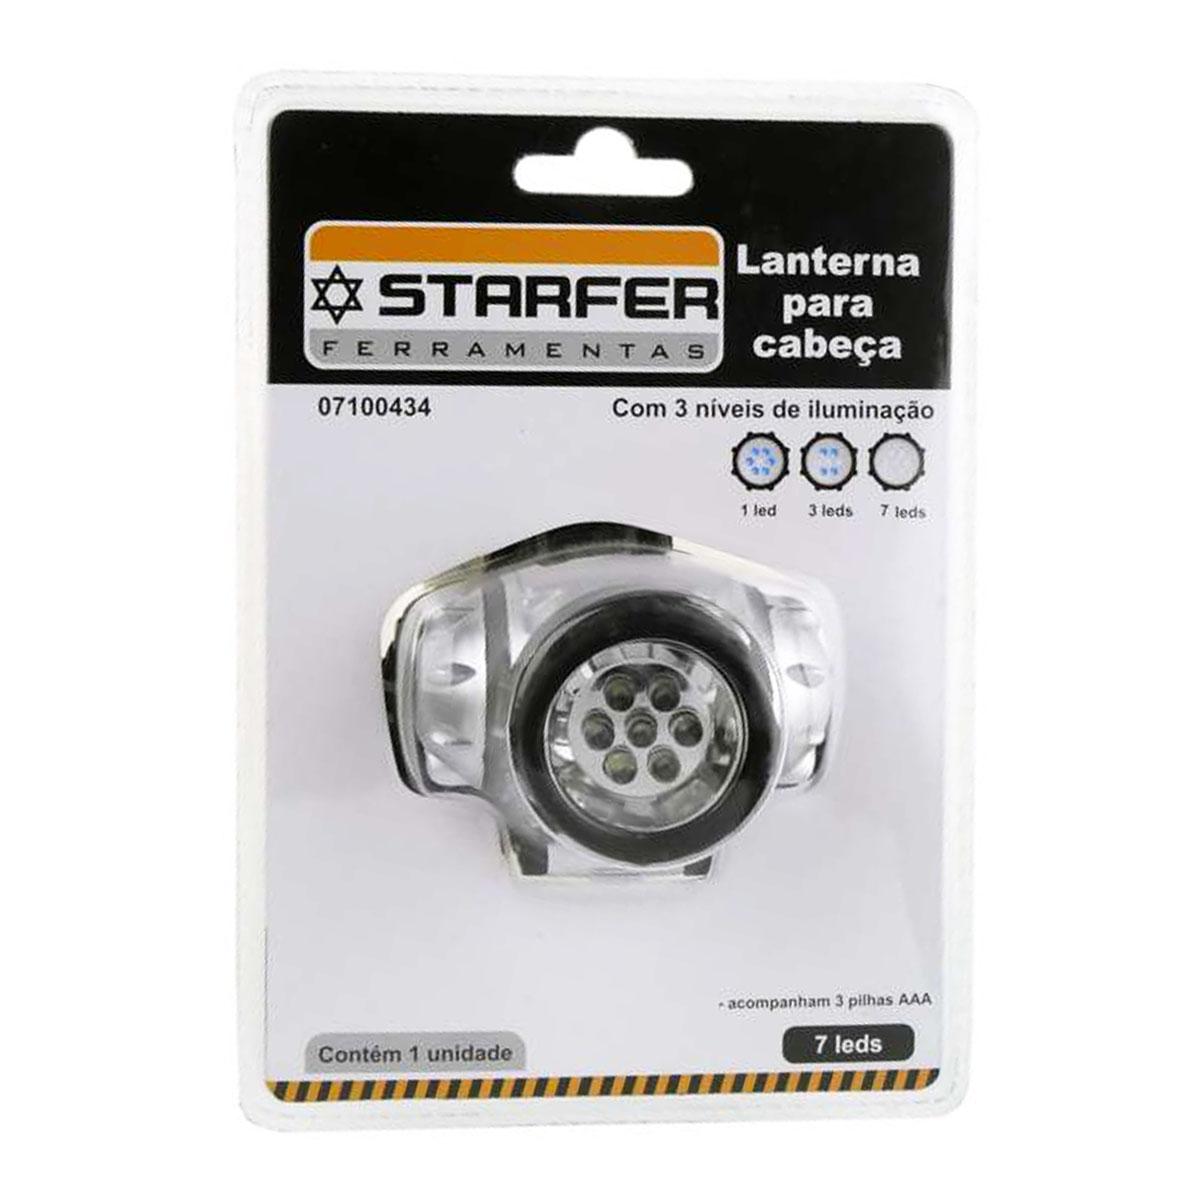 Lanterna Para Cabeça 7 Leds Iluminação Starfer +3 Pilhas AAA